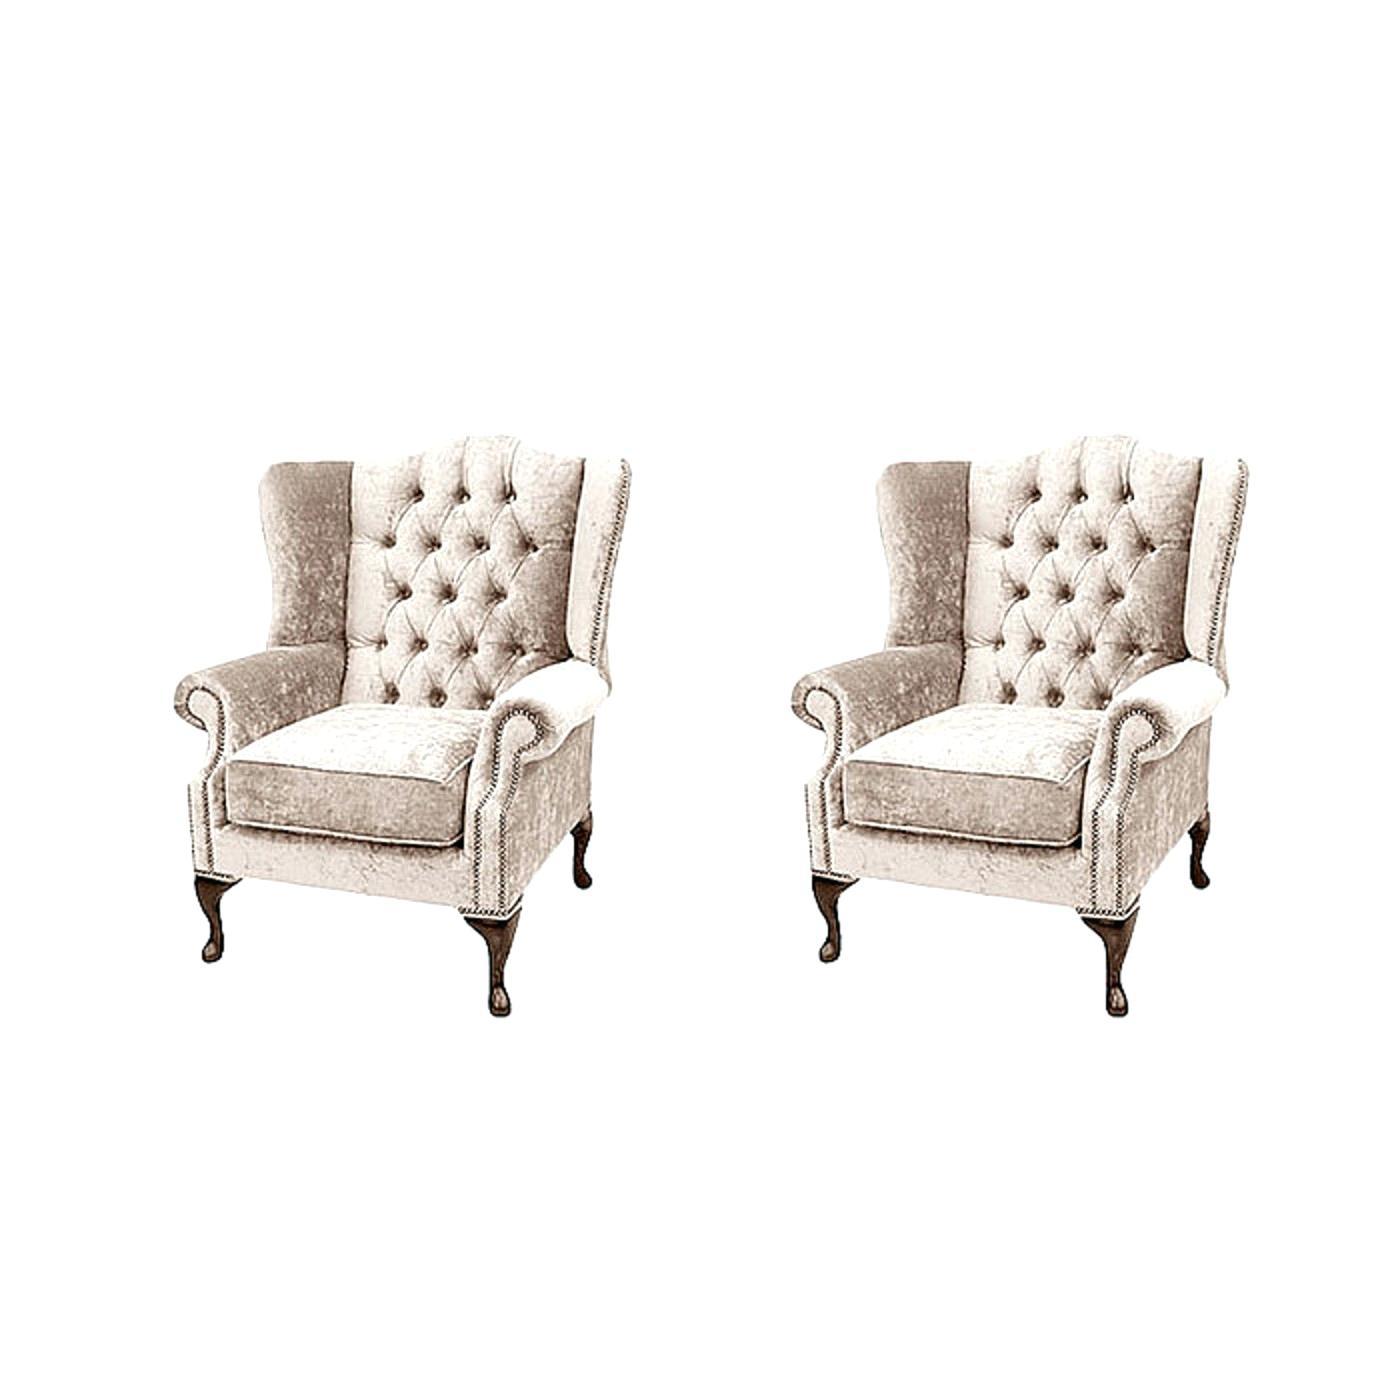 New Velvet Sofa Chair For Image Of Simple Design Blue Velvet Sofa Intended For Mansfield Graphite Velvet Sofa Chairs (Image 13 of 20)